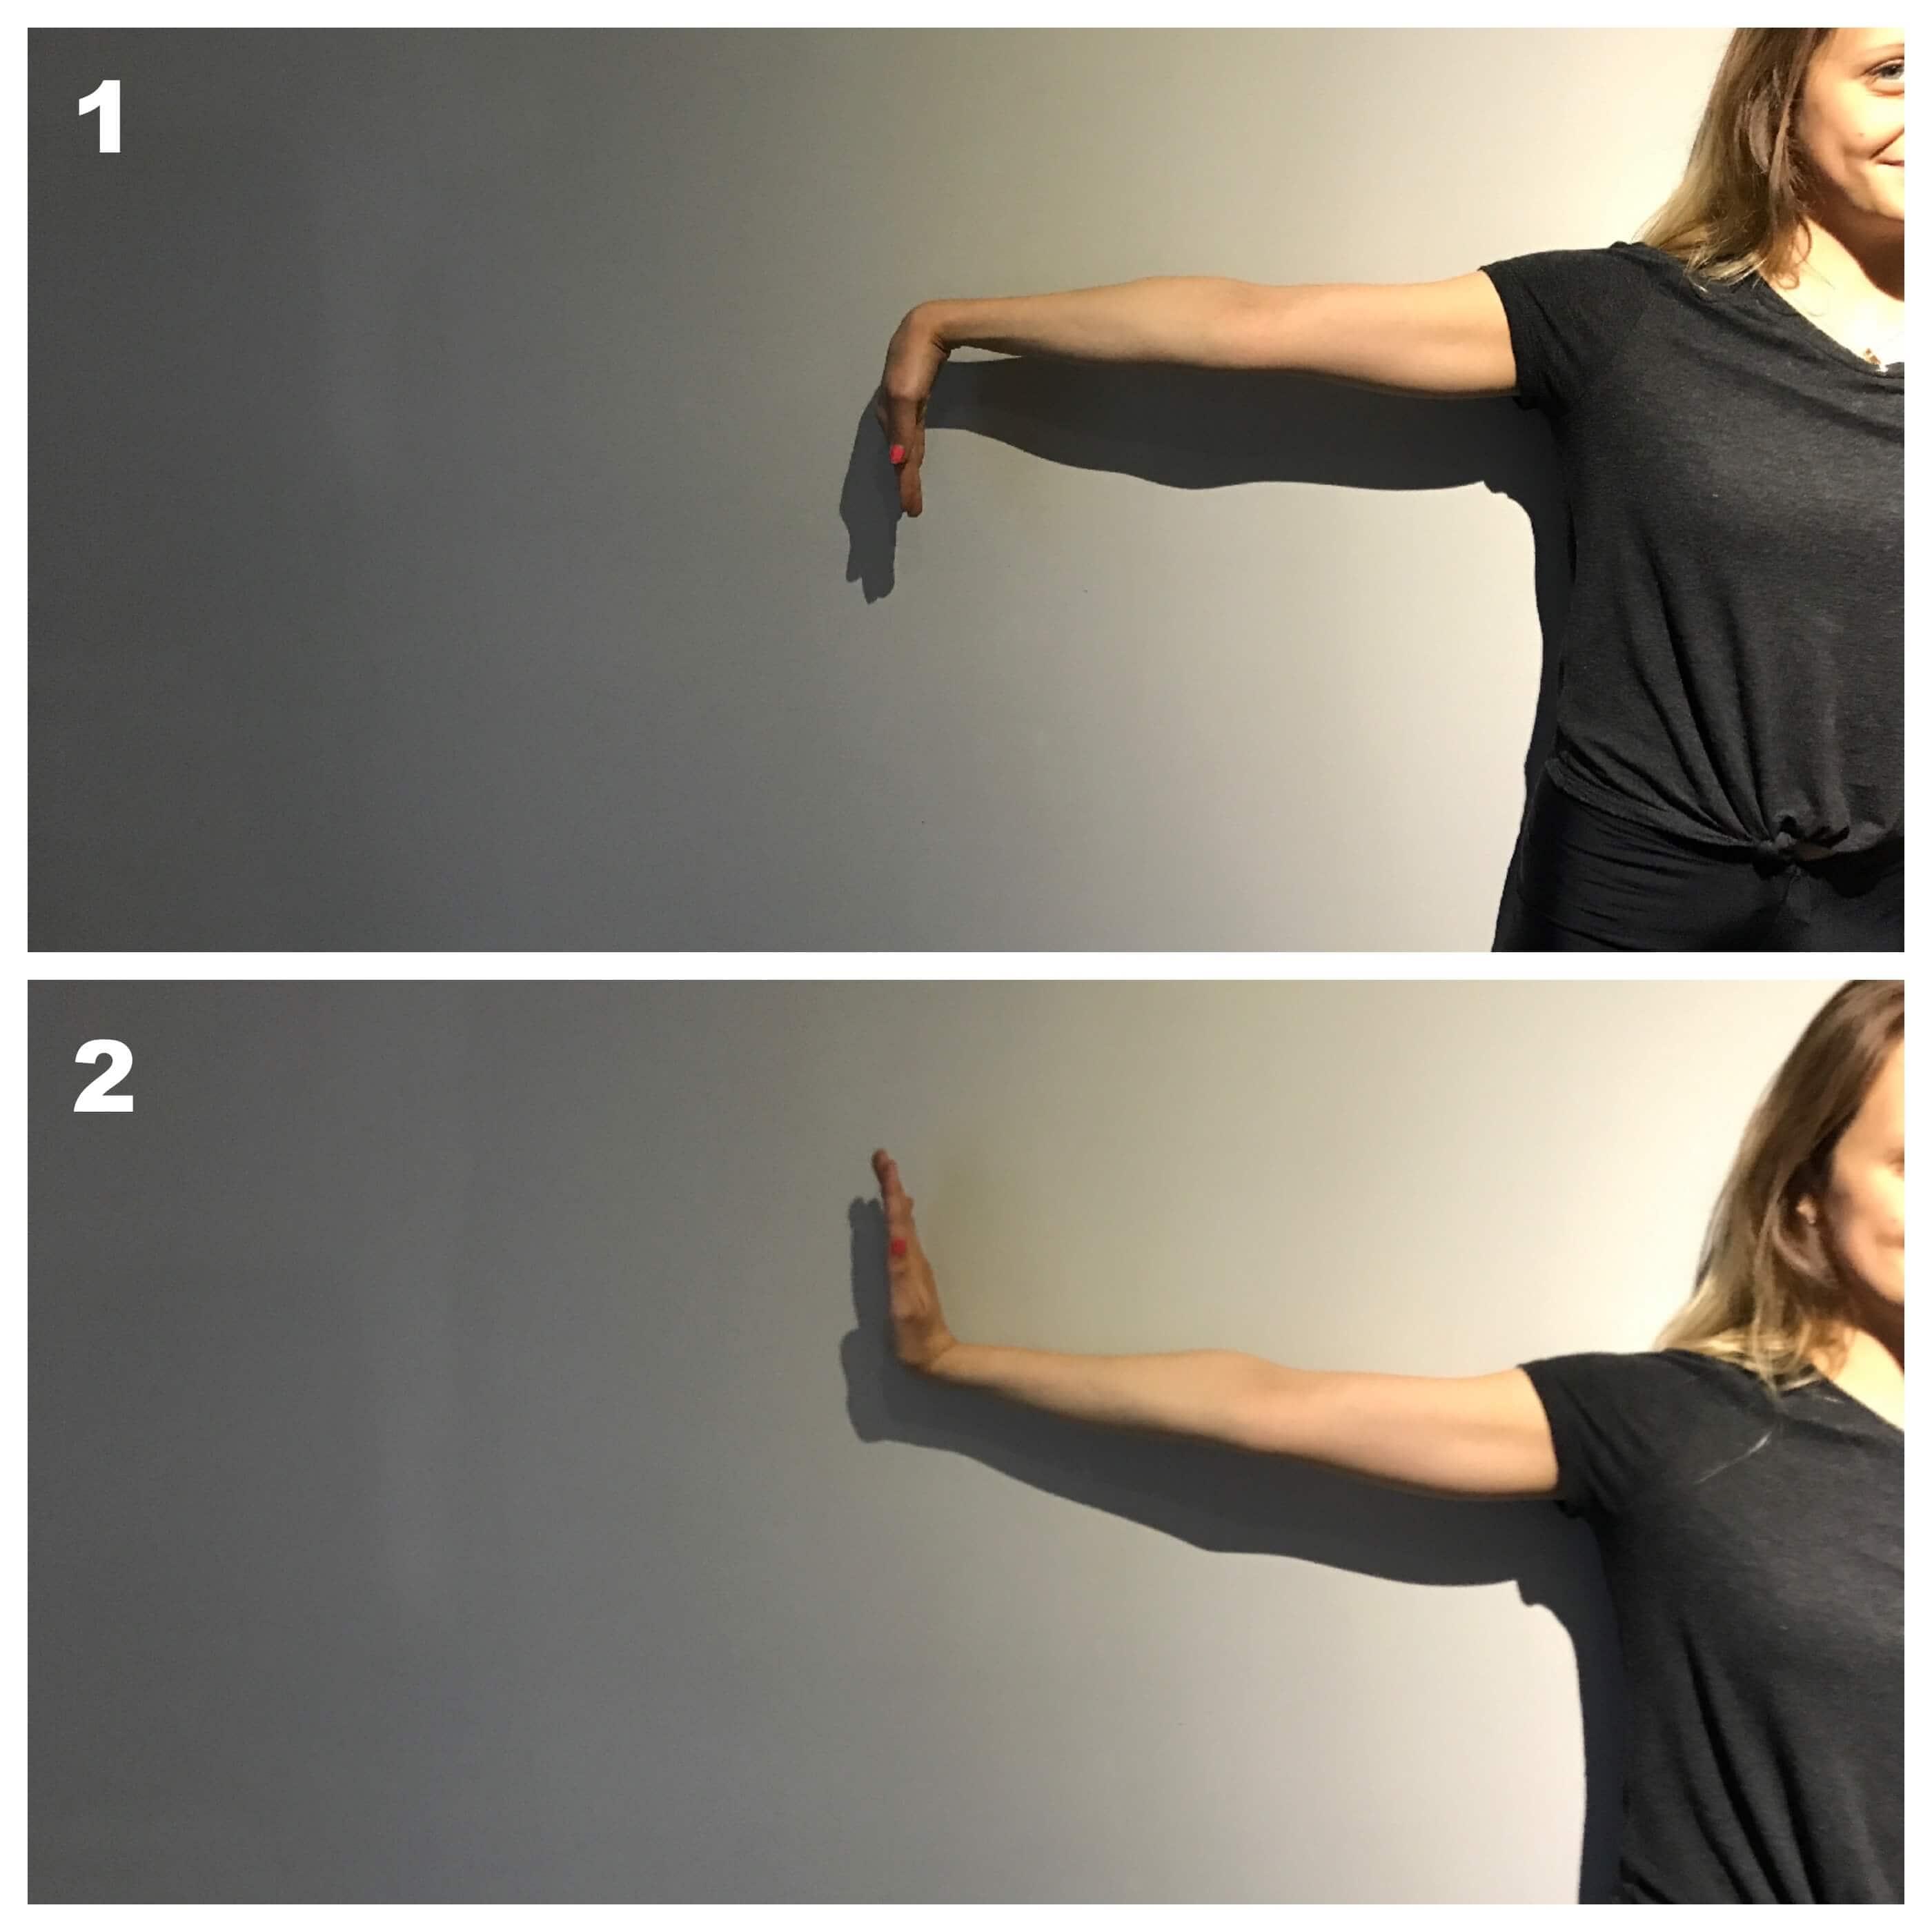 Flexion et extension pour tunnel carpien